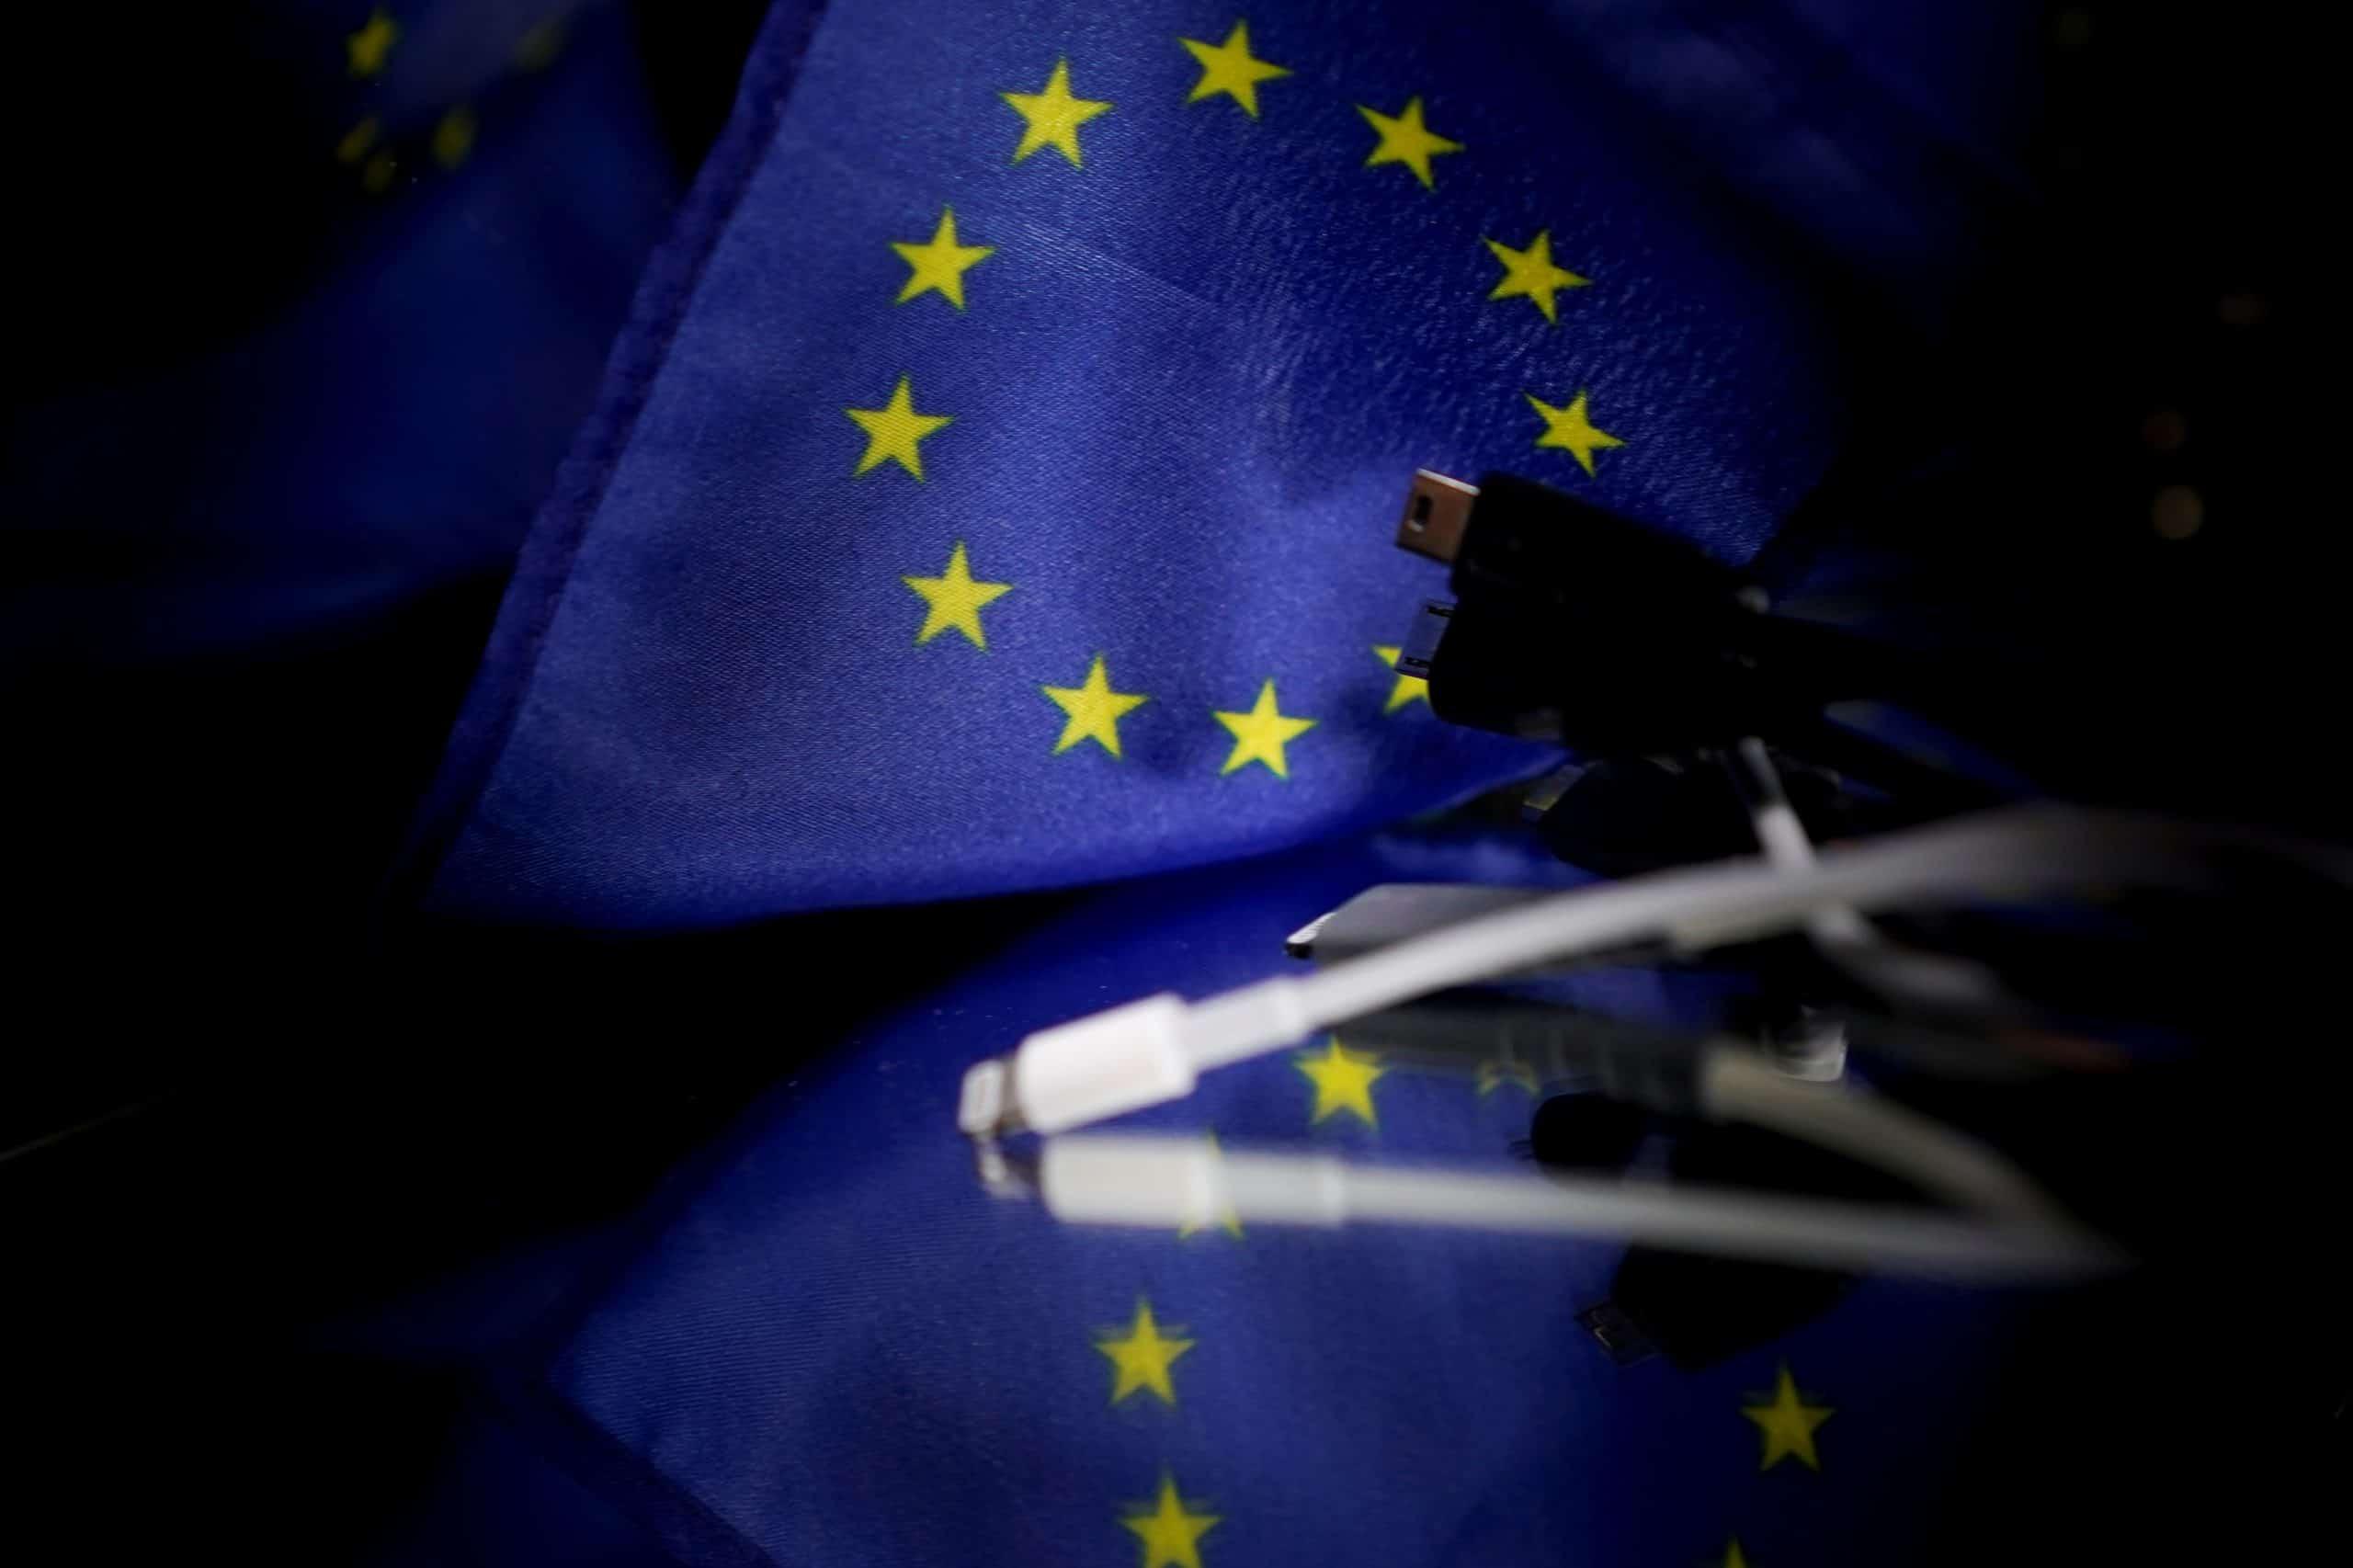 BELGIUM-EU-CHARGER-PHONE